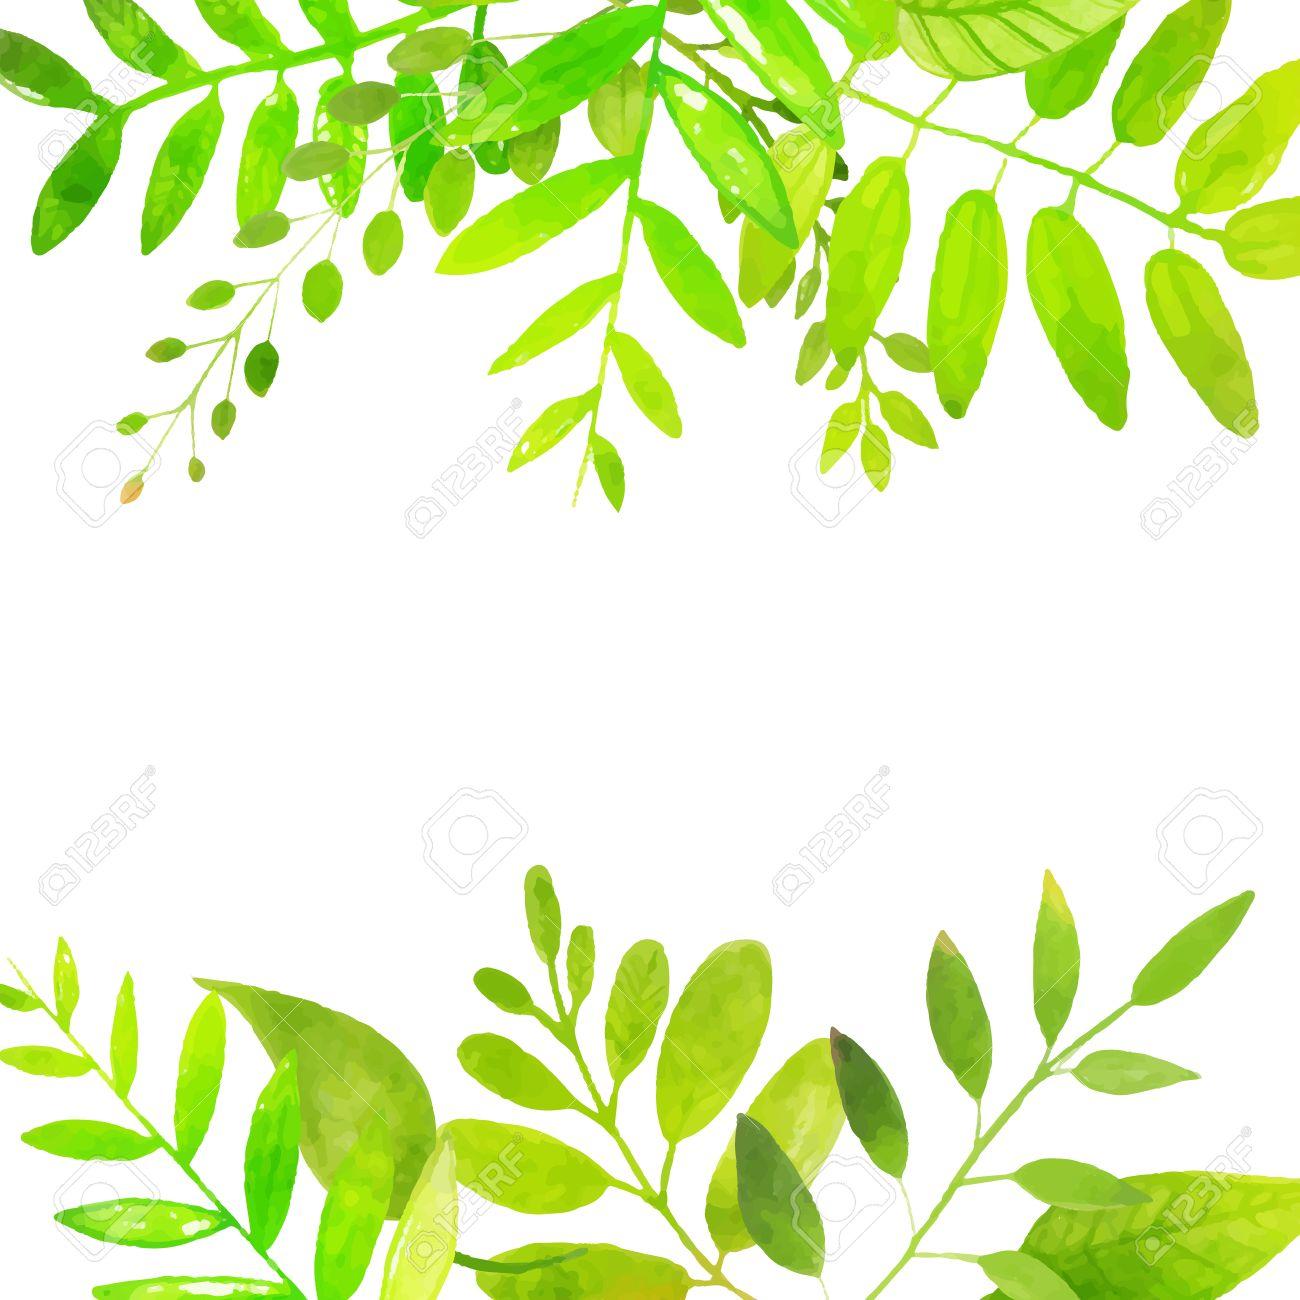 明るい緑色の葉を持つ春フレーム。ベクトルの水彩イラスト。季節的な